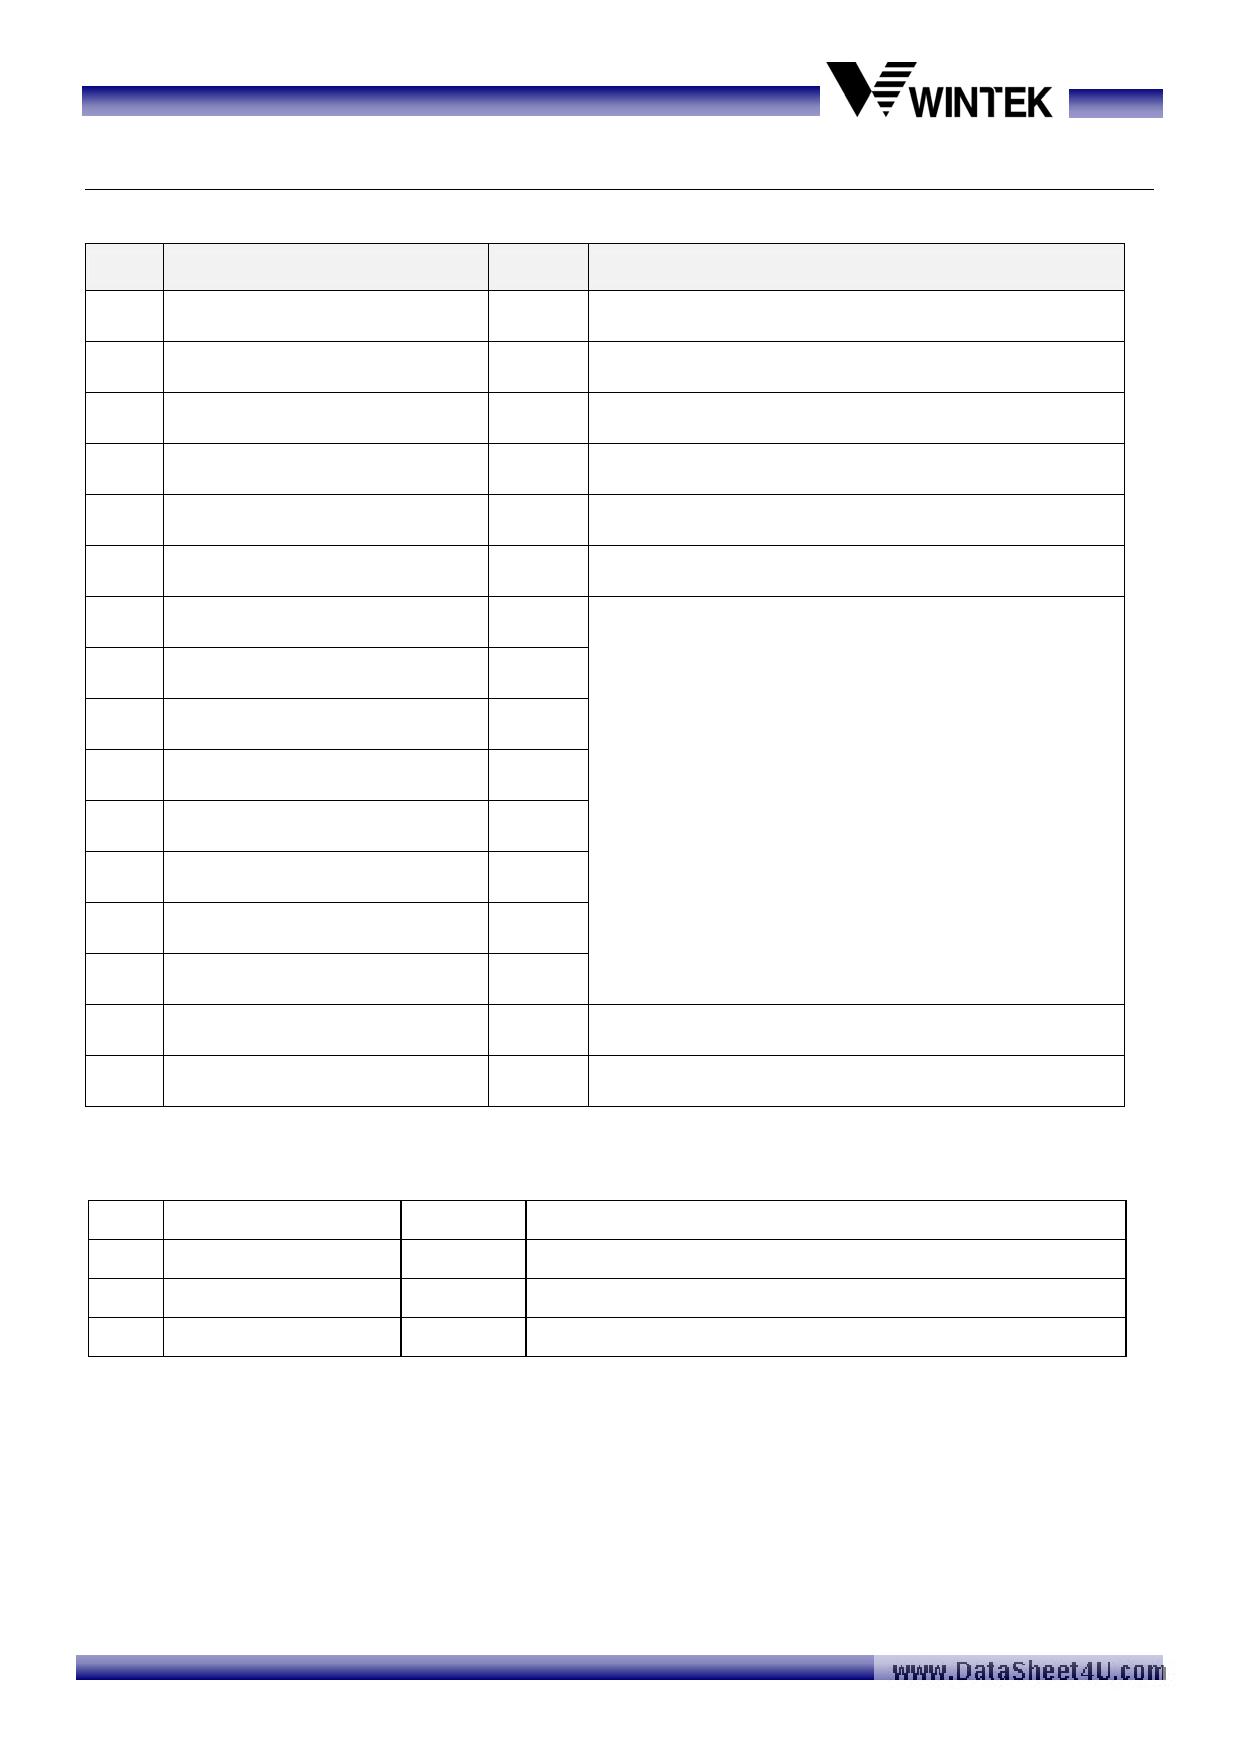 WD-C1602Q-6YLYC pdf